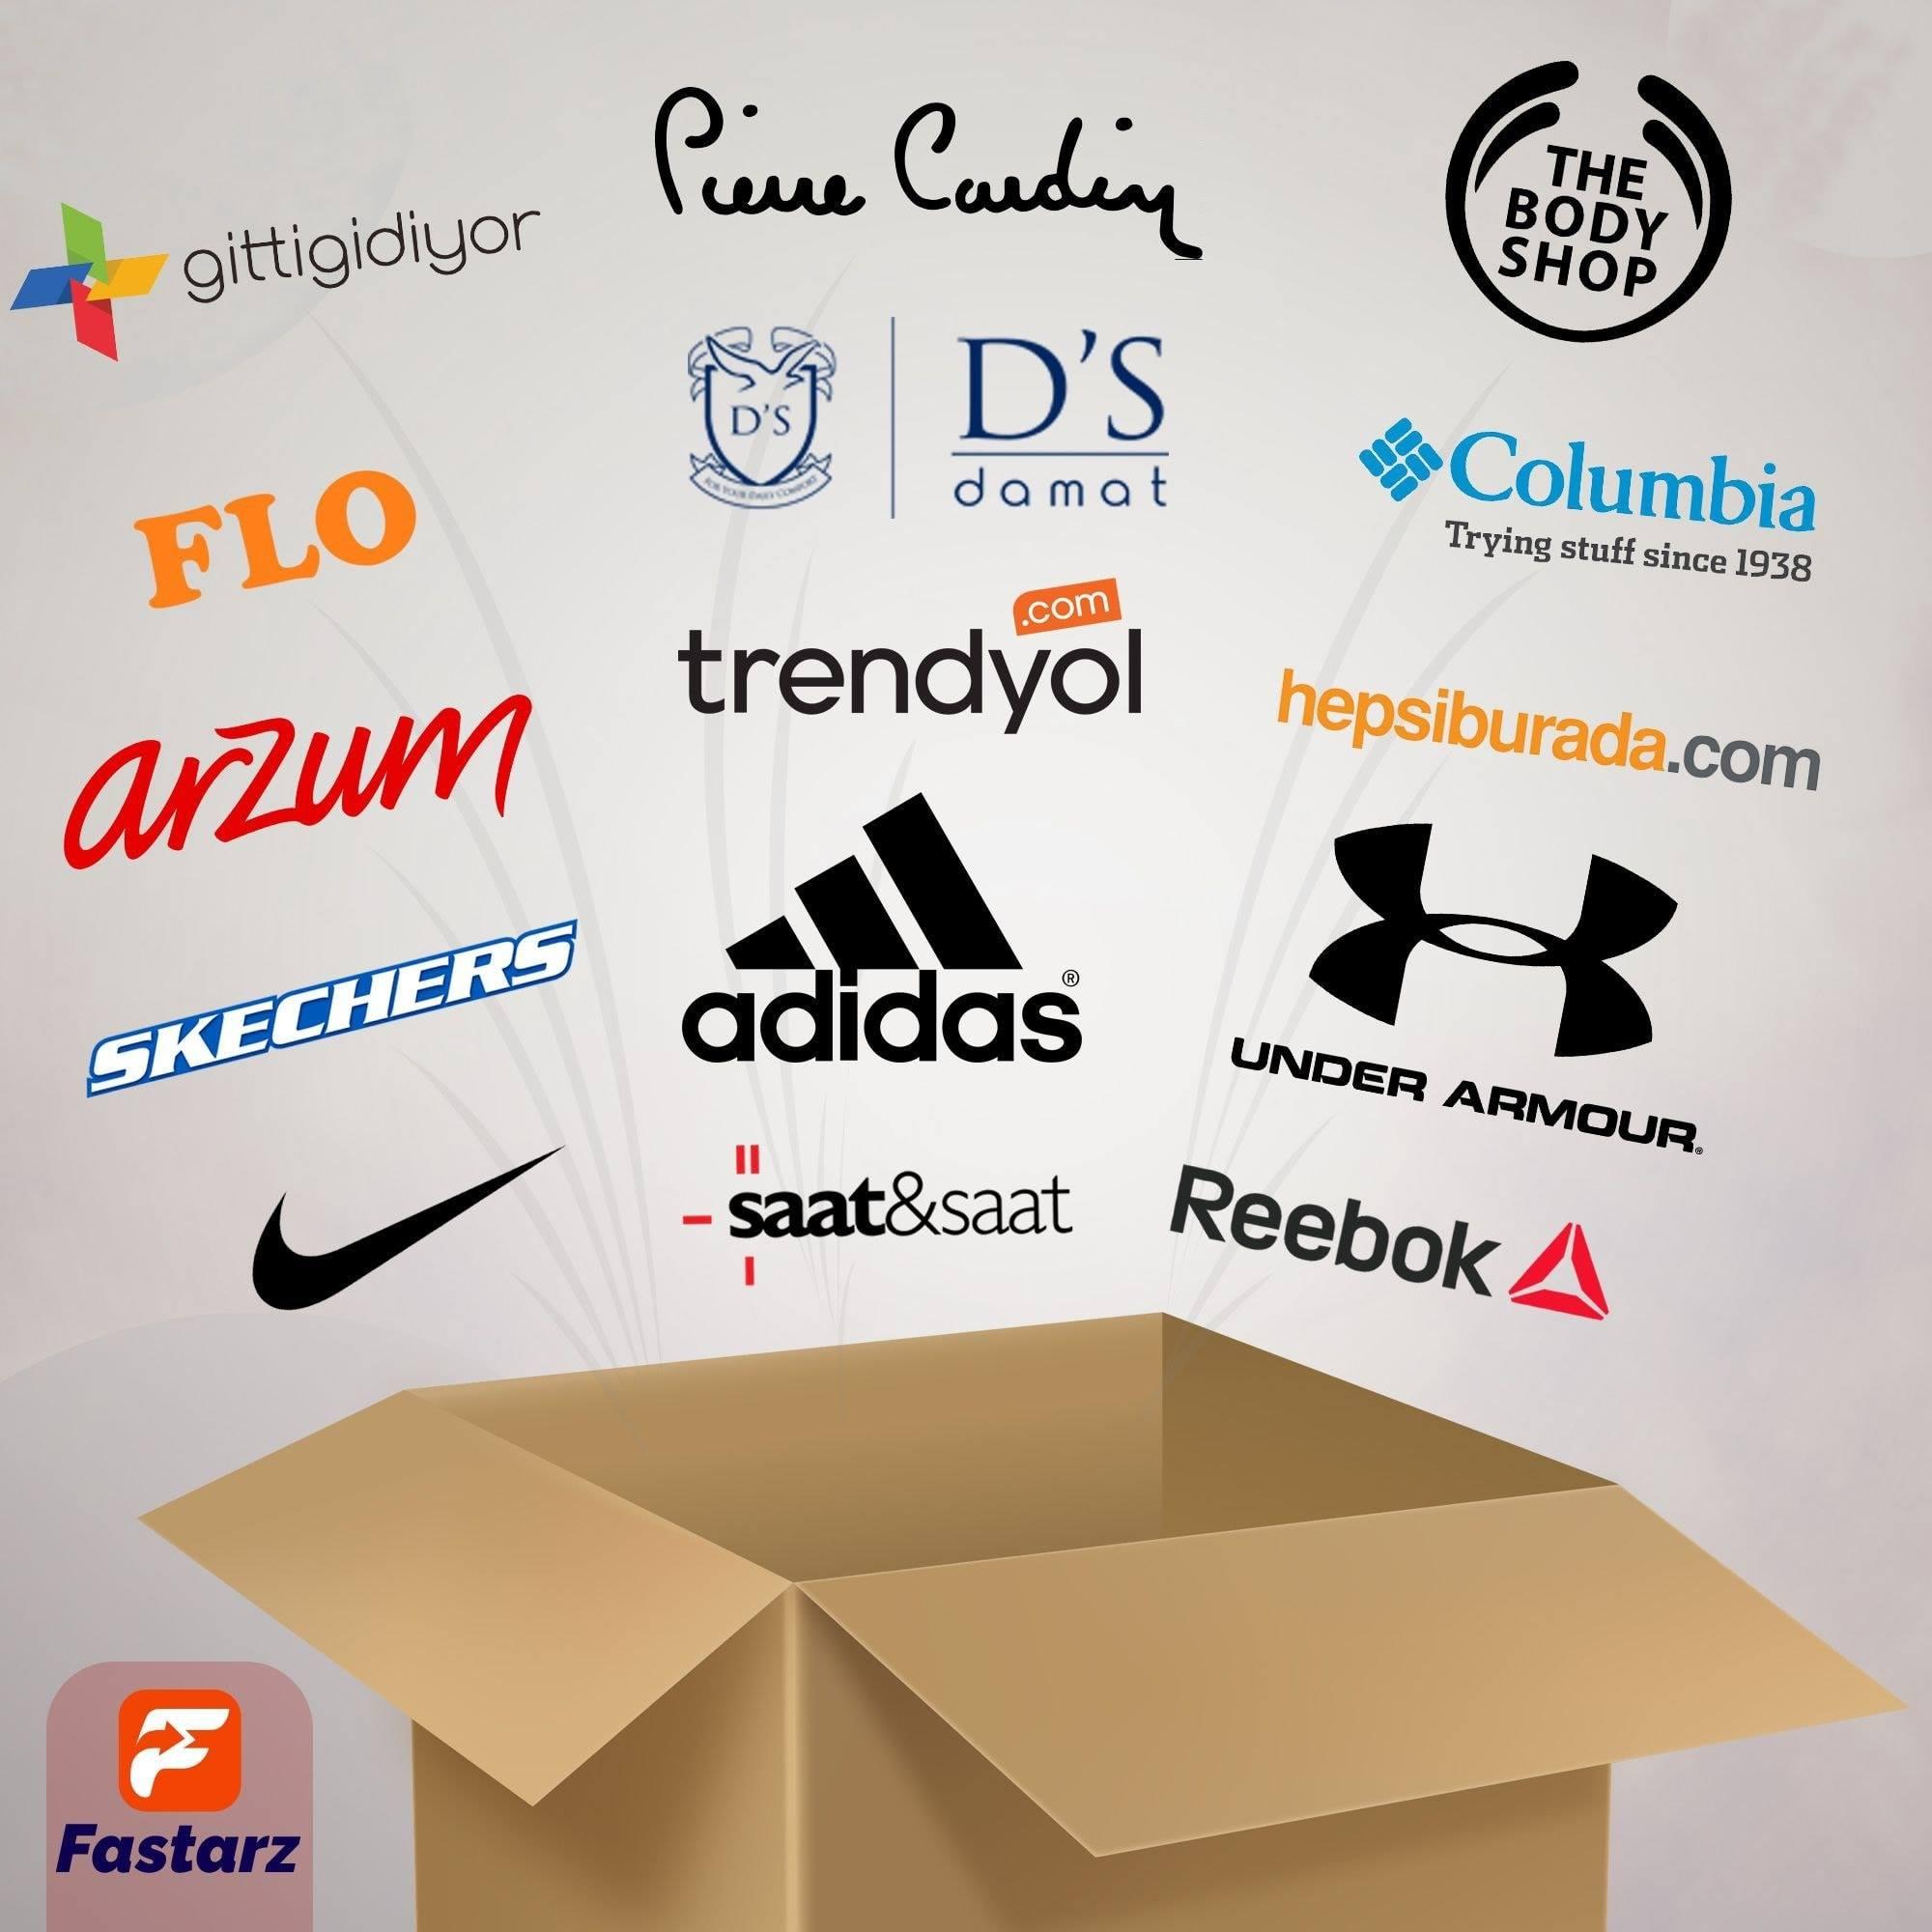 التسوق عبر الإنترنت من المواقع التركية